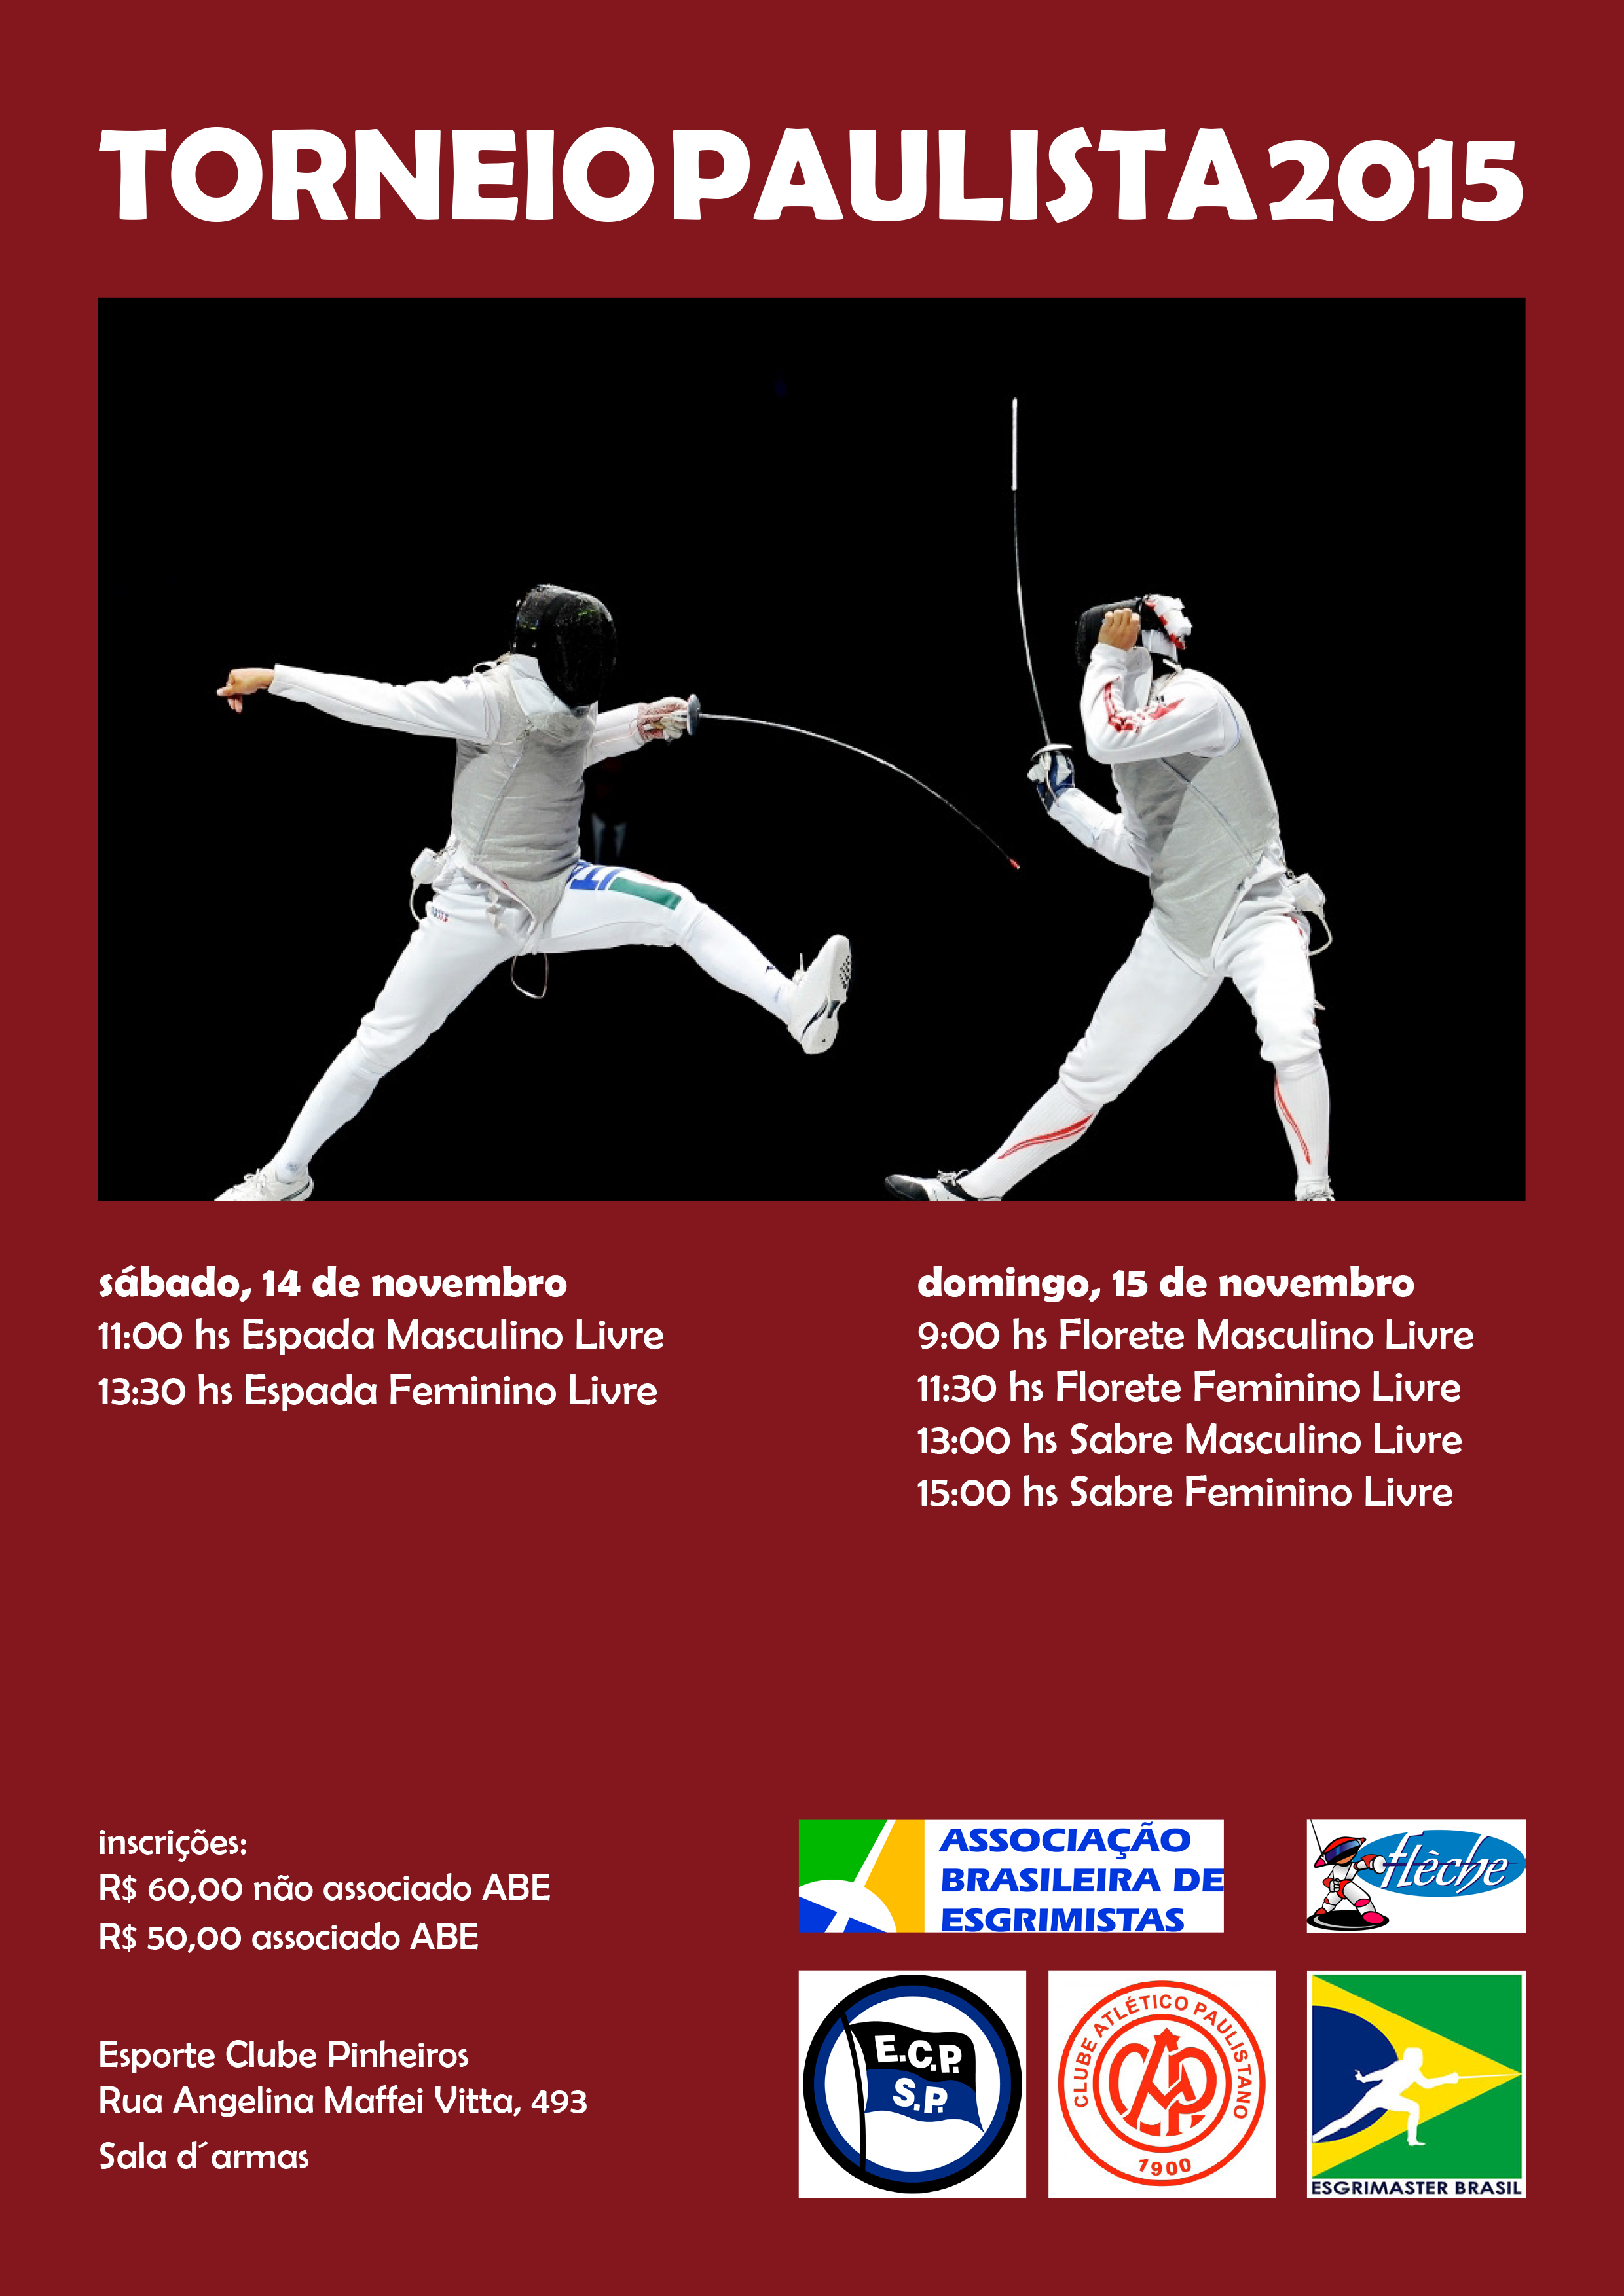 Torneio Paulista 2015_00